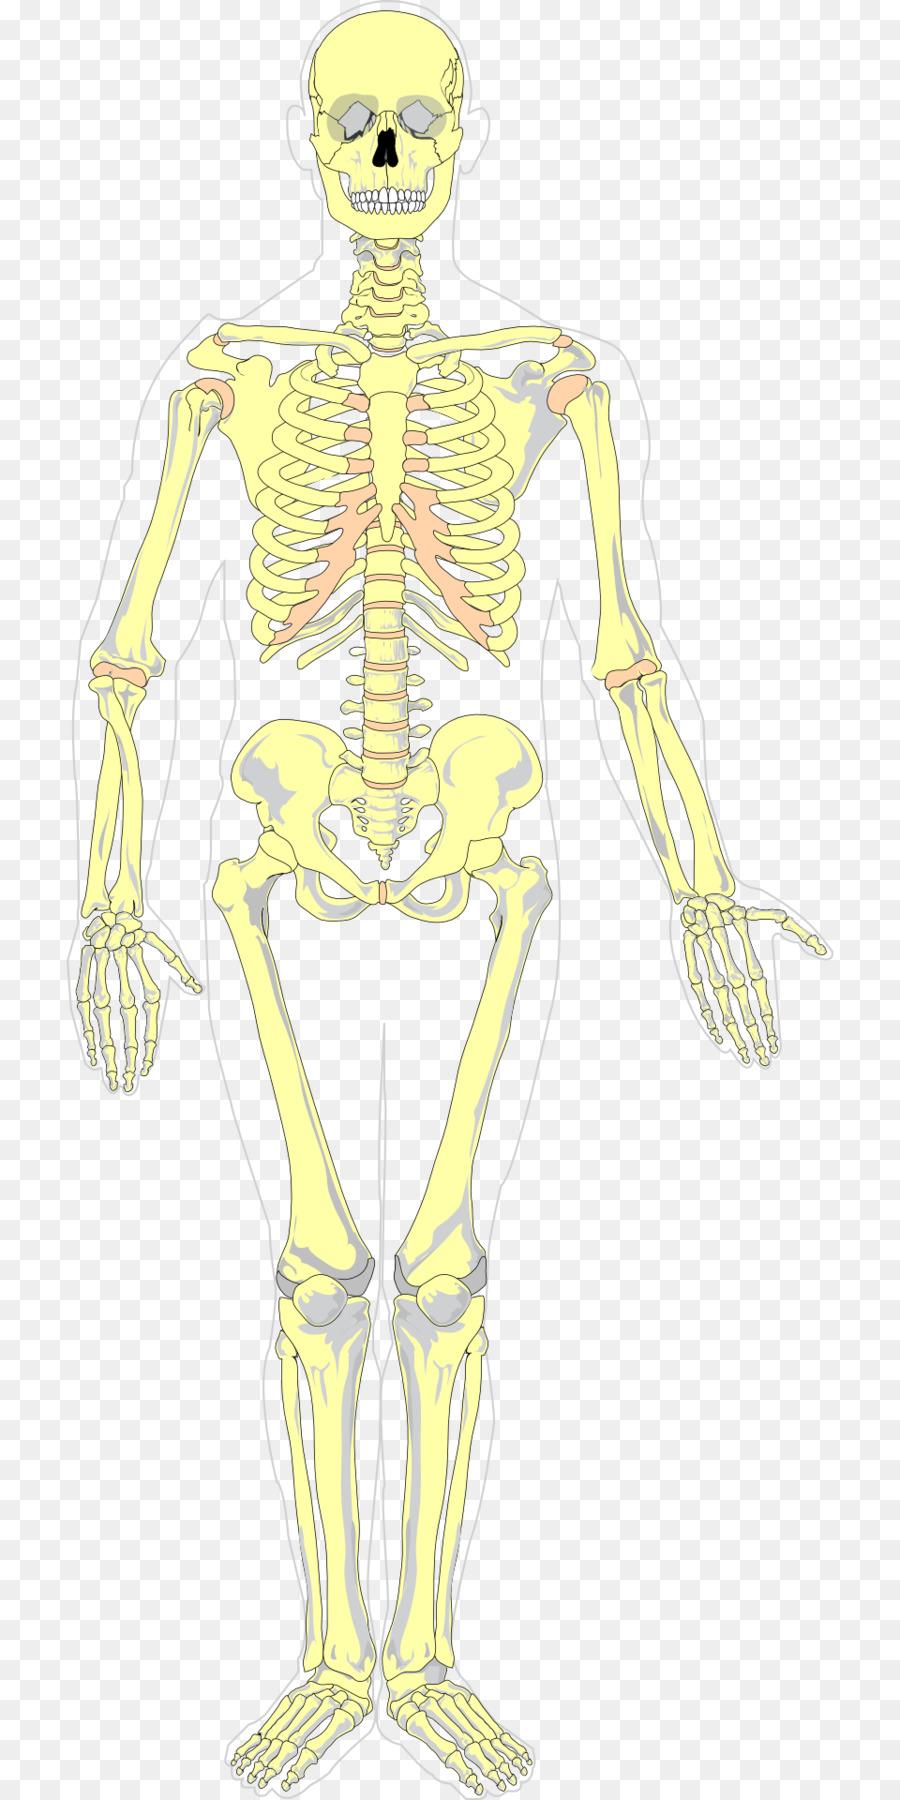 Human skeleton diagram axial skeleton homo sapiens bones png human skeleton diagram axial skeleton homo sapiens bones ccuart Choice Image